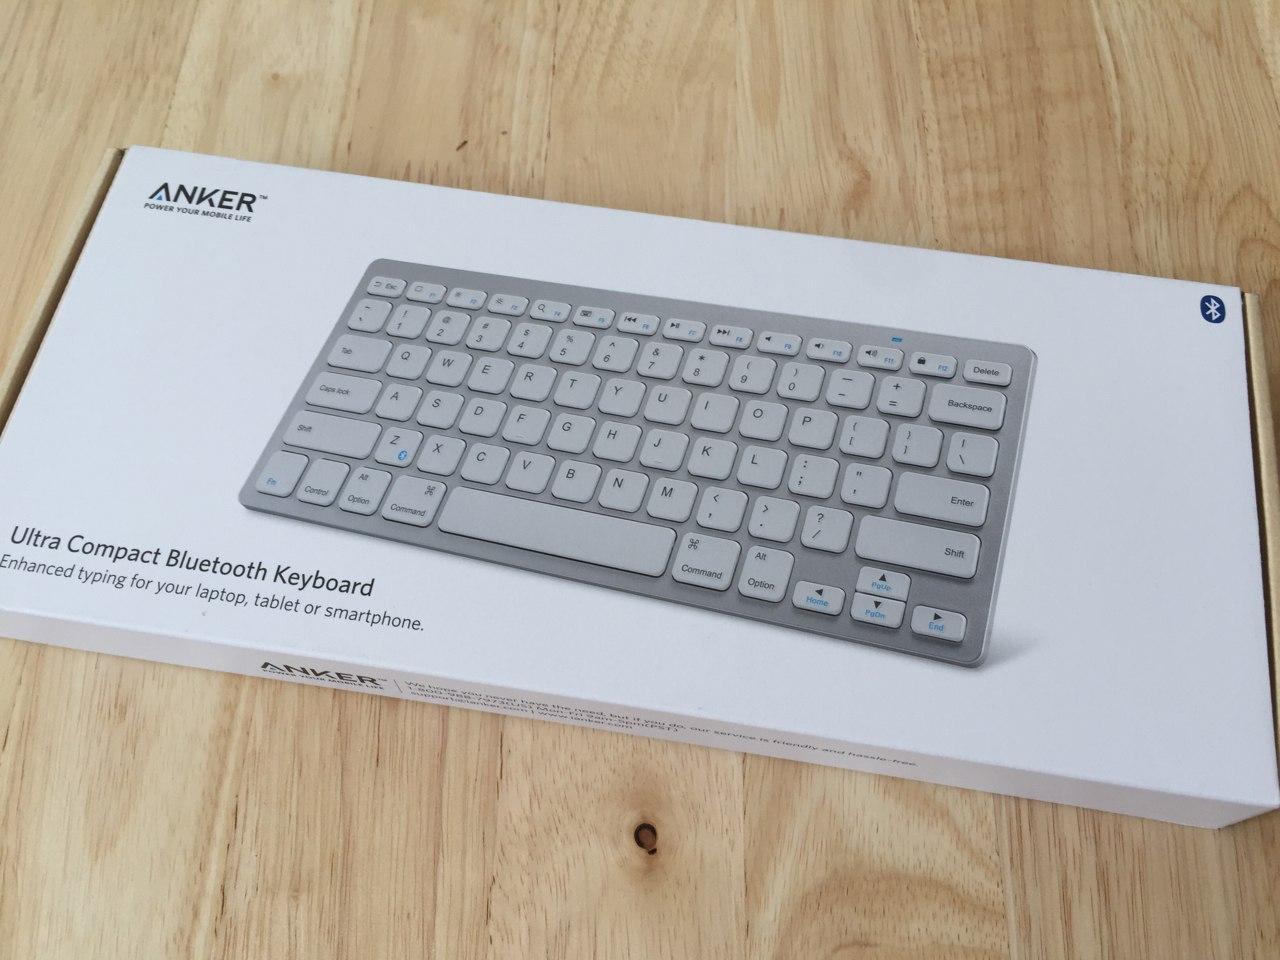 Anker keyboard